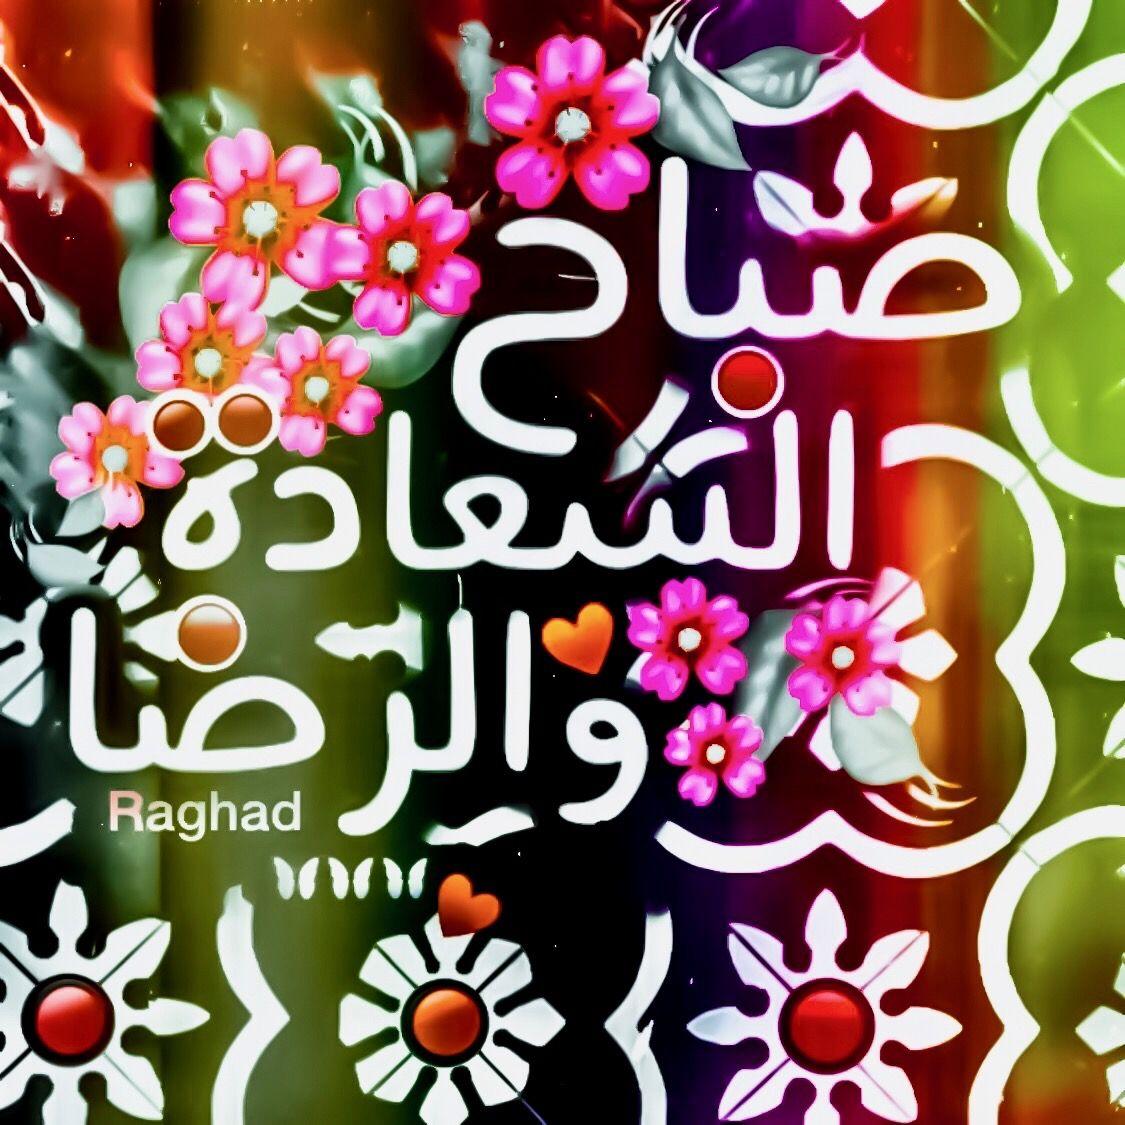 Desertrose هو الله الذي لا إله إلا هو عالم الغيب والشهادة هو الرحمن الرحيم هو الله الذي لا إله إلا هو الملك ال Calm Artwork Desert Rose Keep Calm Artwork